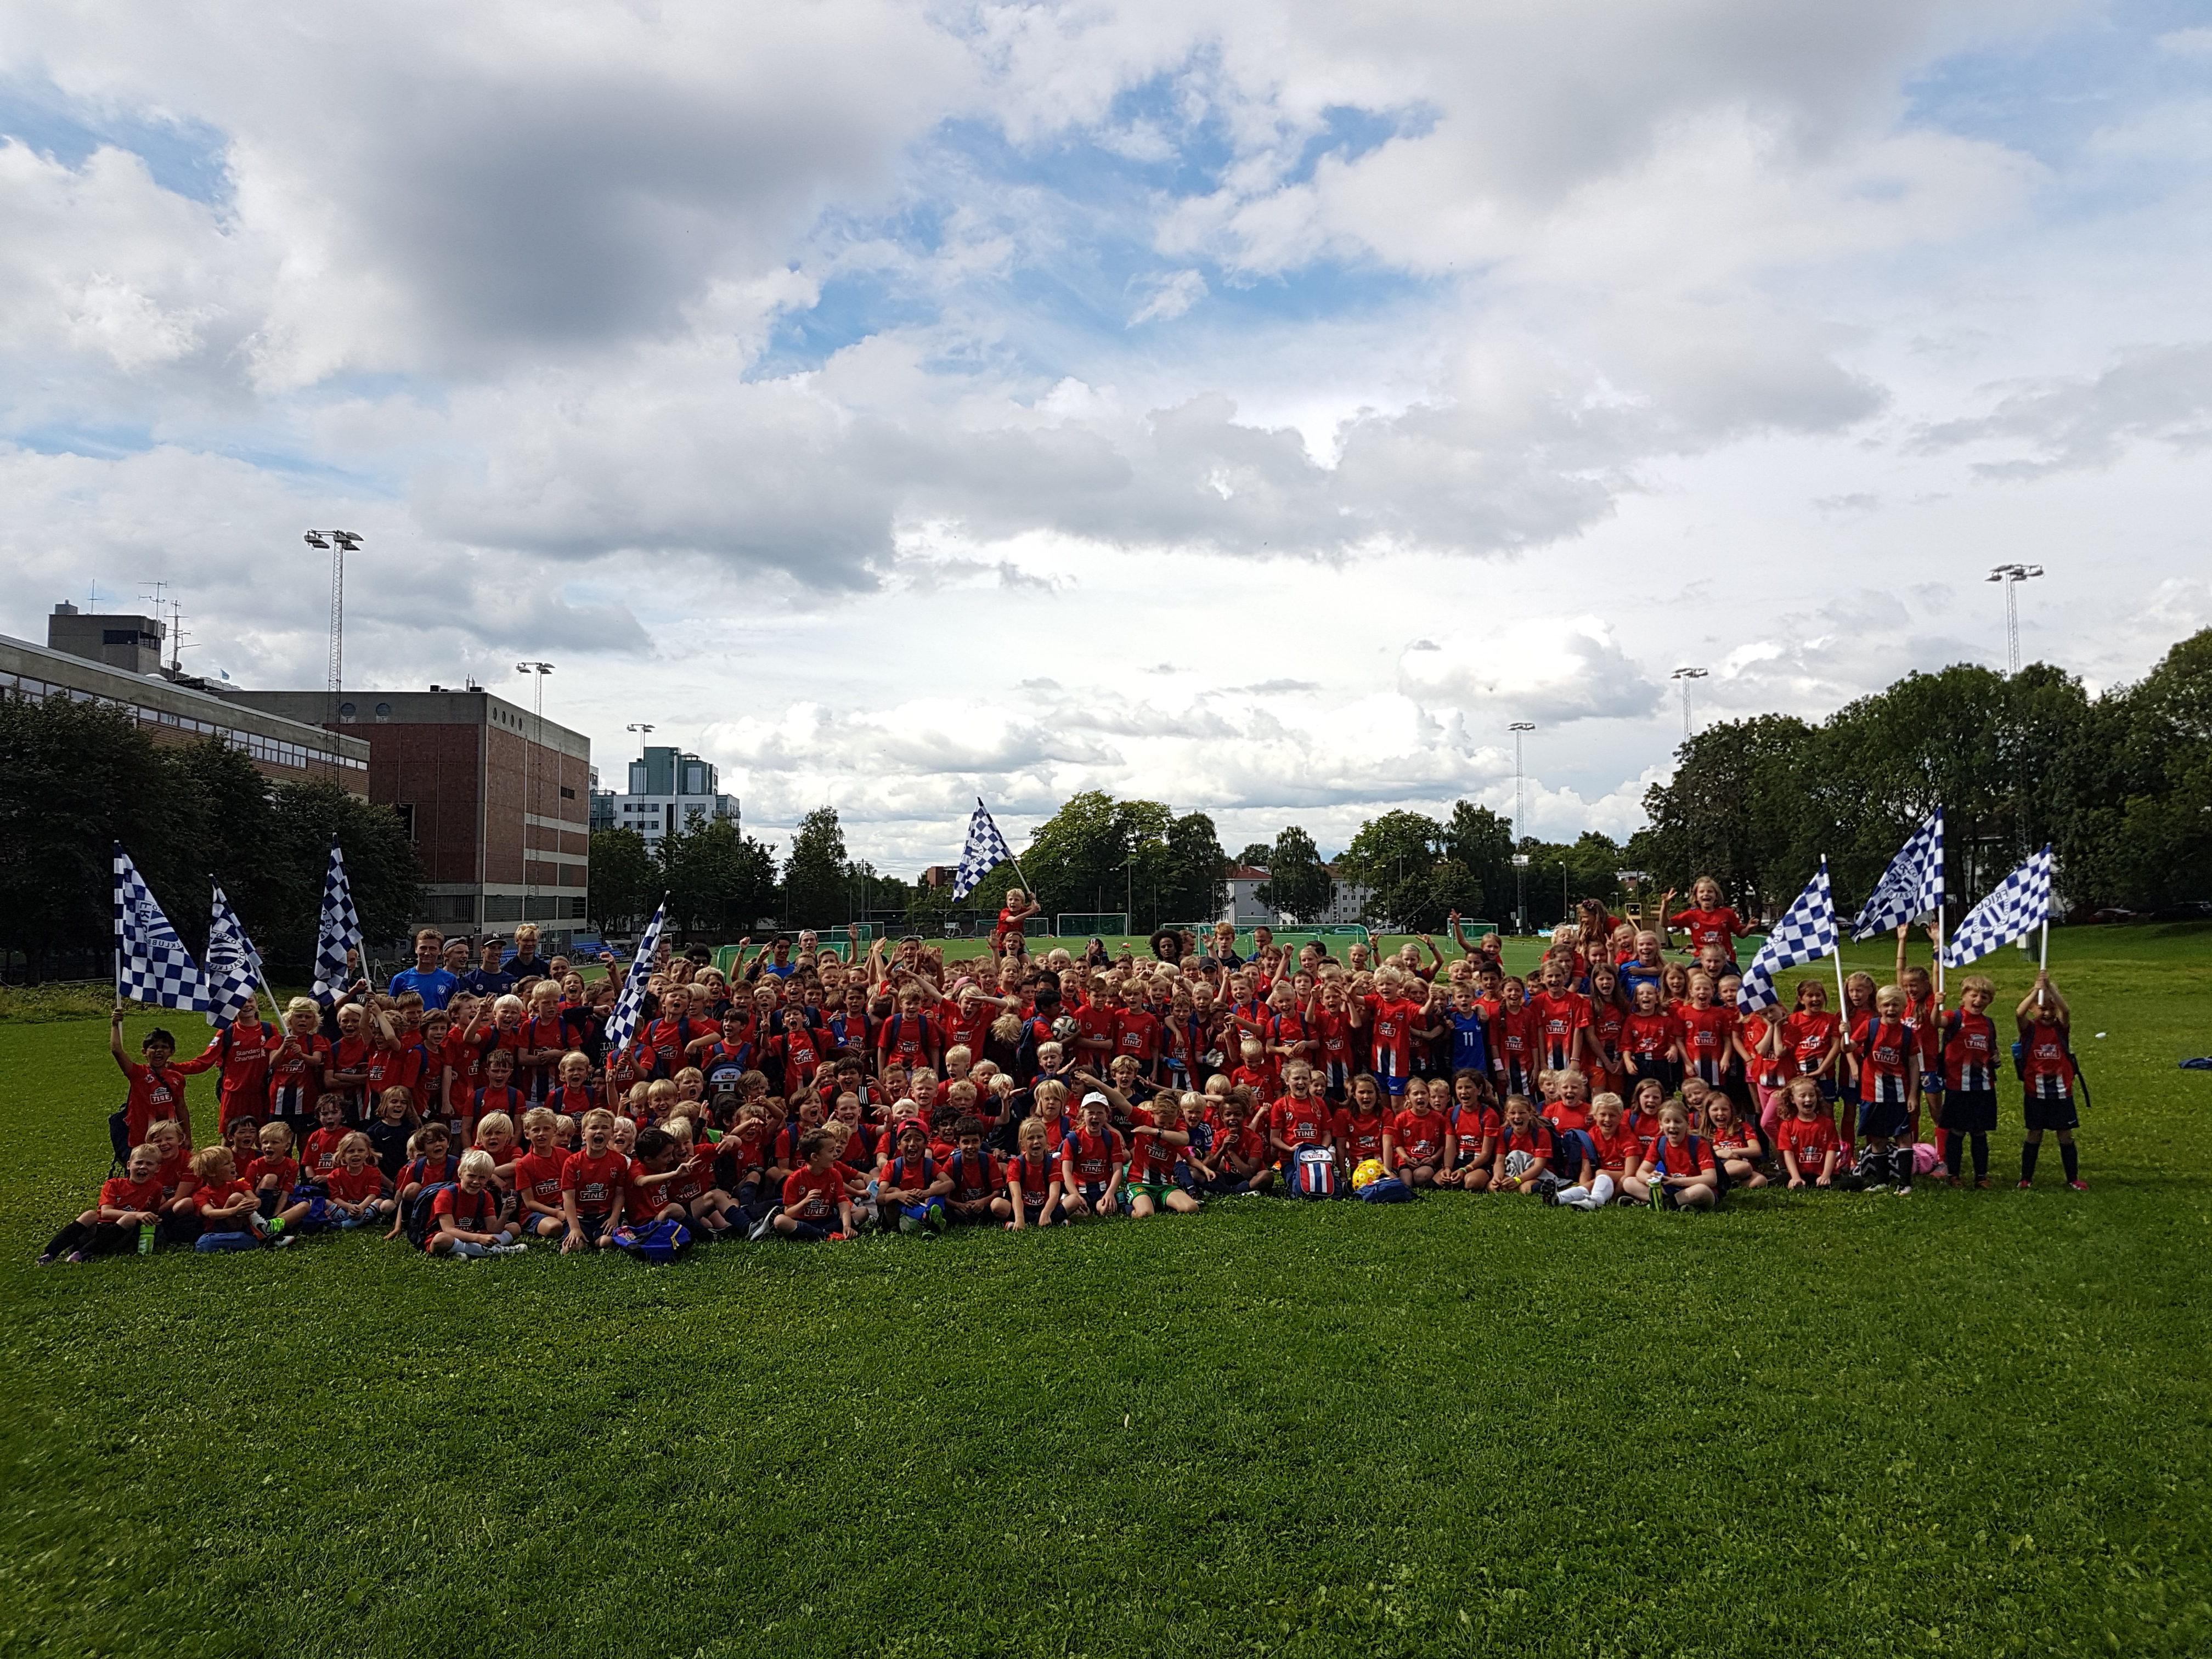 Frigg arrangerer fotballskole i høstferien (3 – 7 okt)